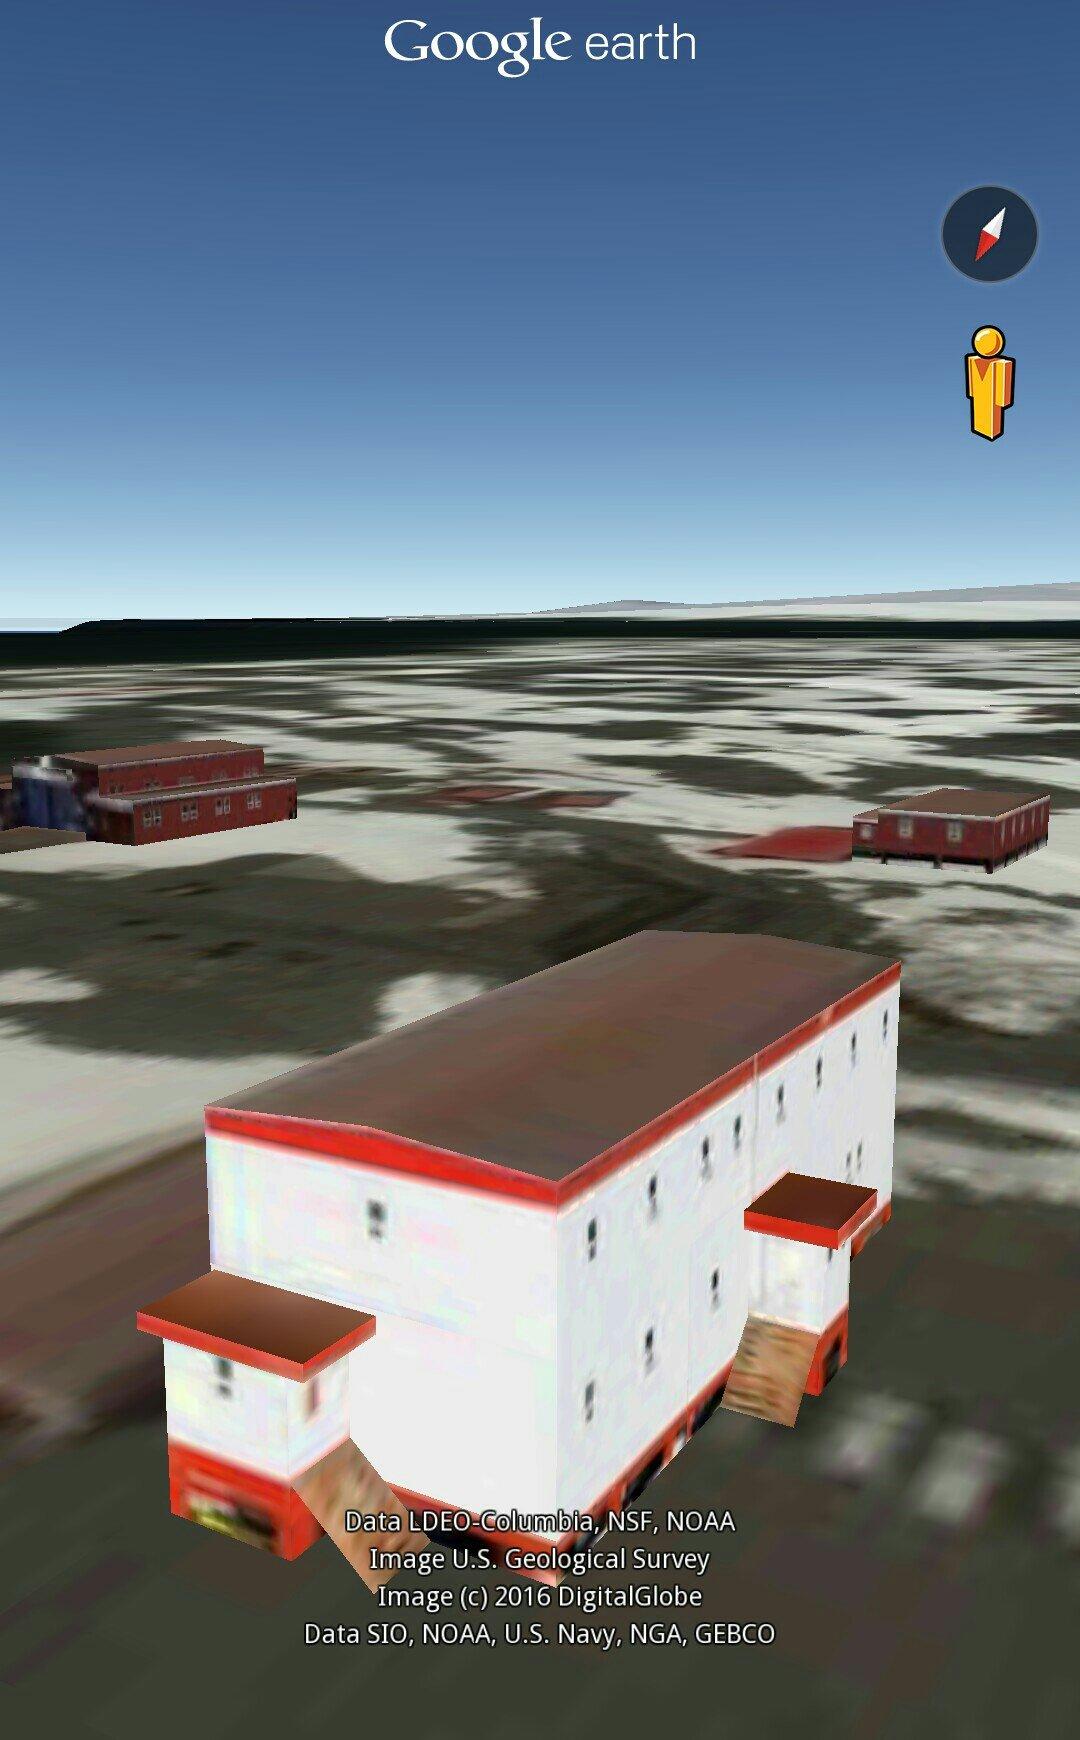 海南省中沙群岛的岛礁及其海域南极科学考察队常年考察站南极长城站天气预报